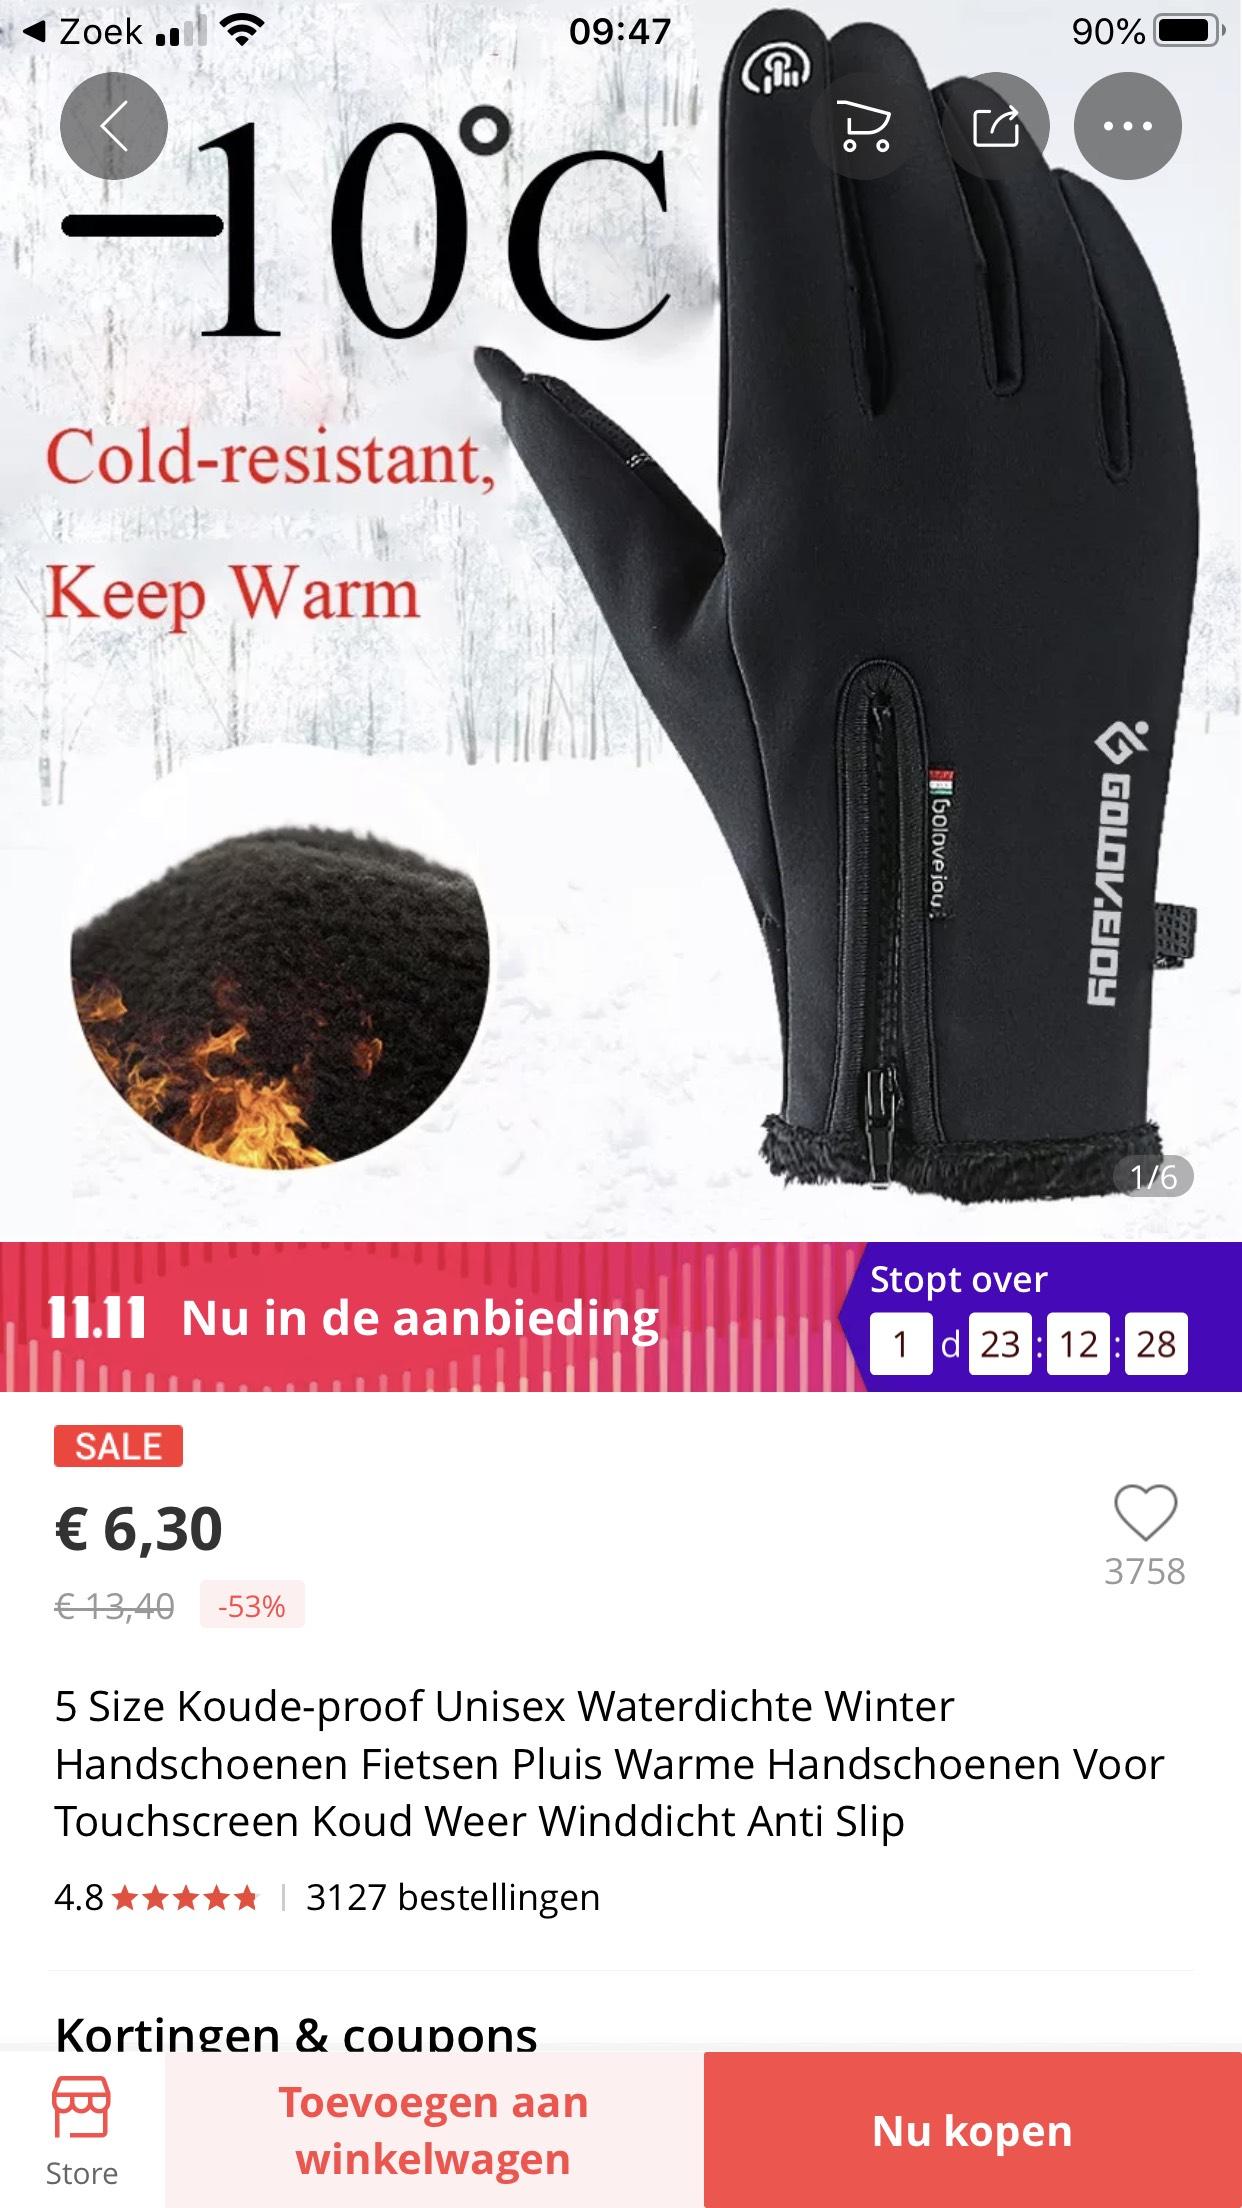 -10 handschoenen Aliexpress met hele goeie reviews, helft van prijs